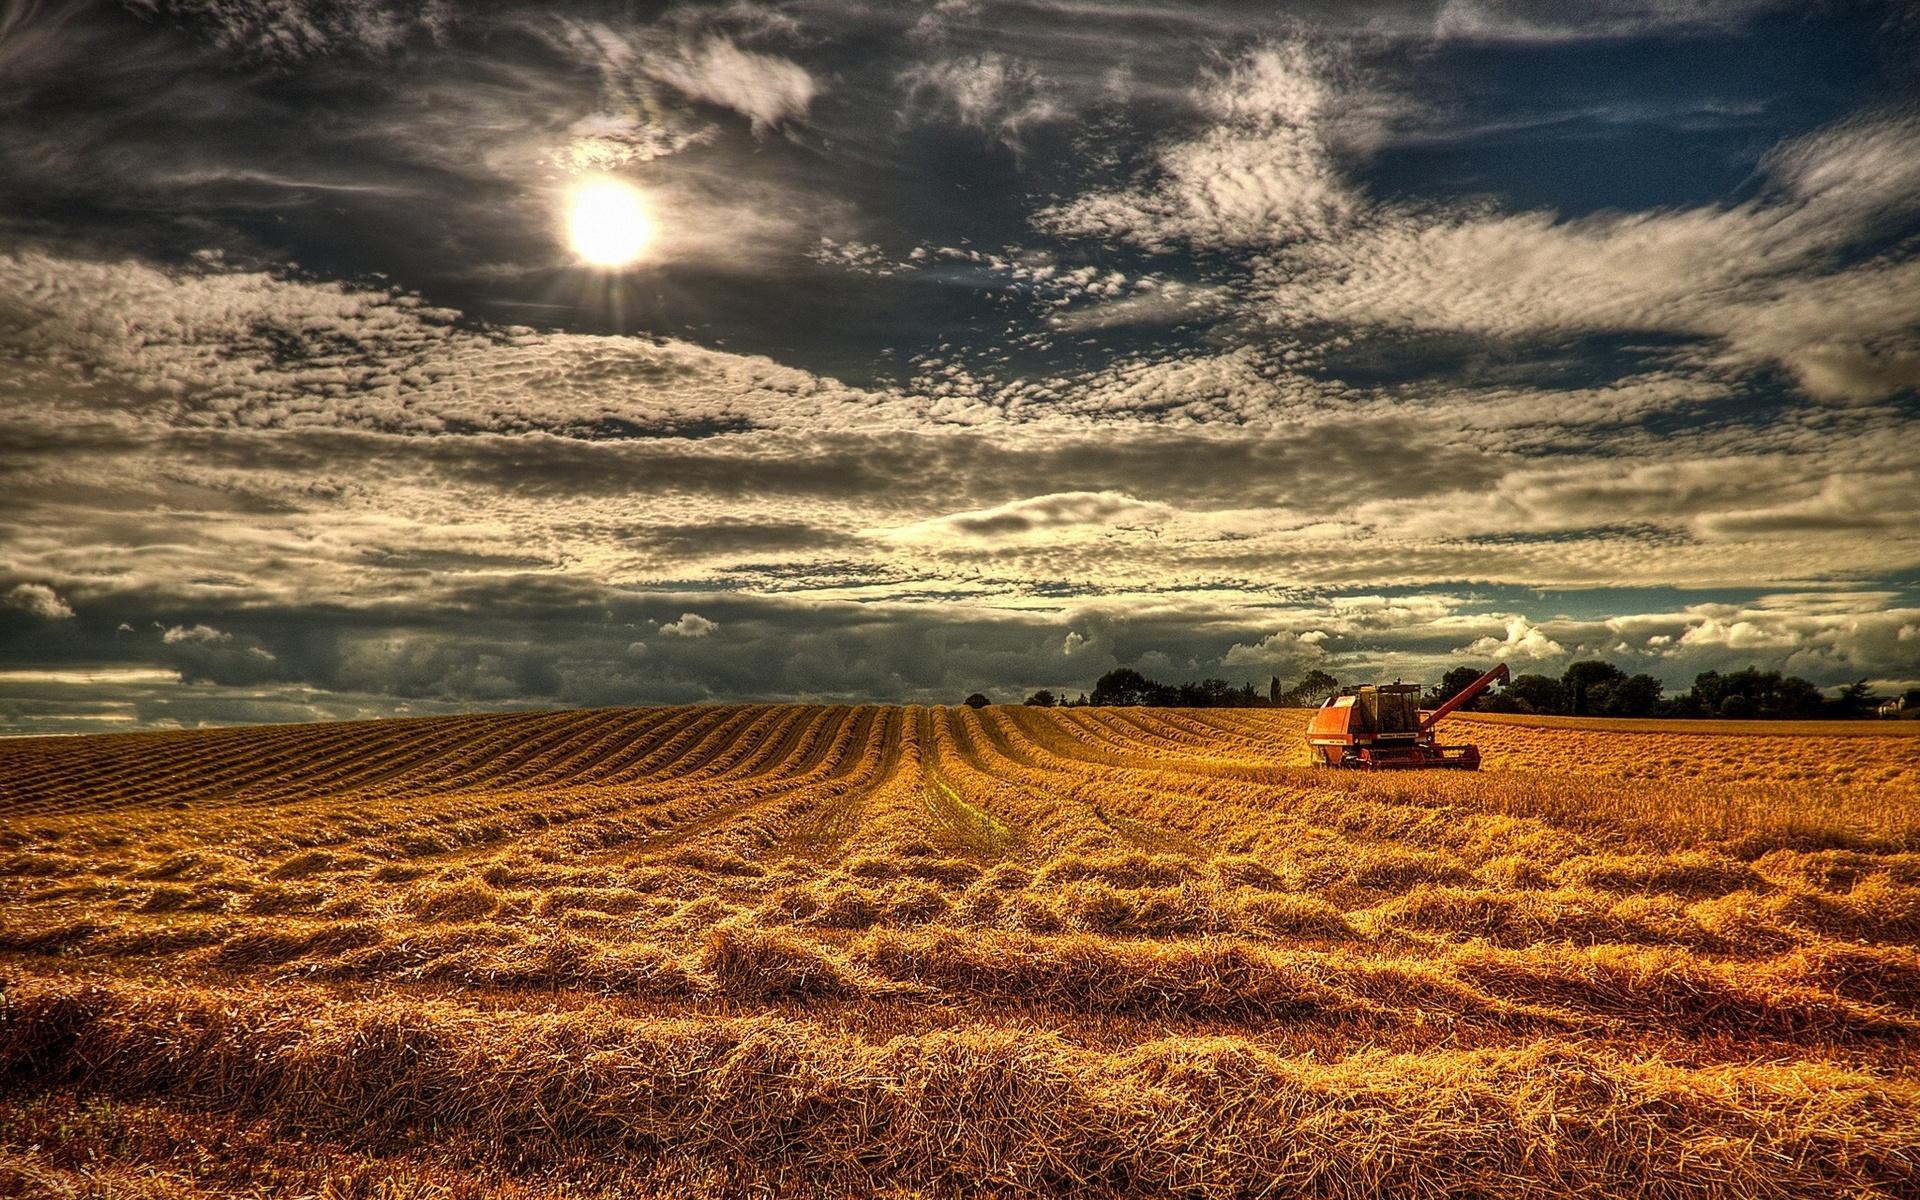 680945-harvest-wallpaper.jpg